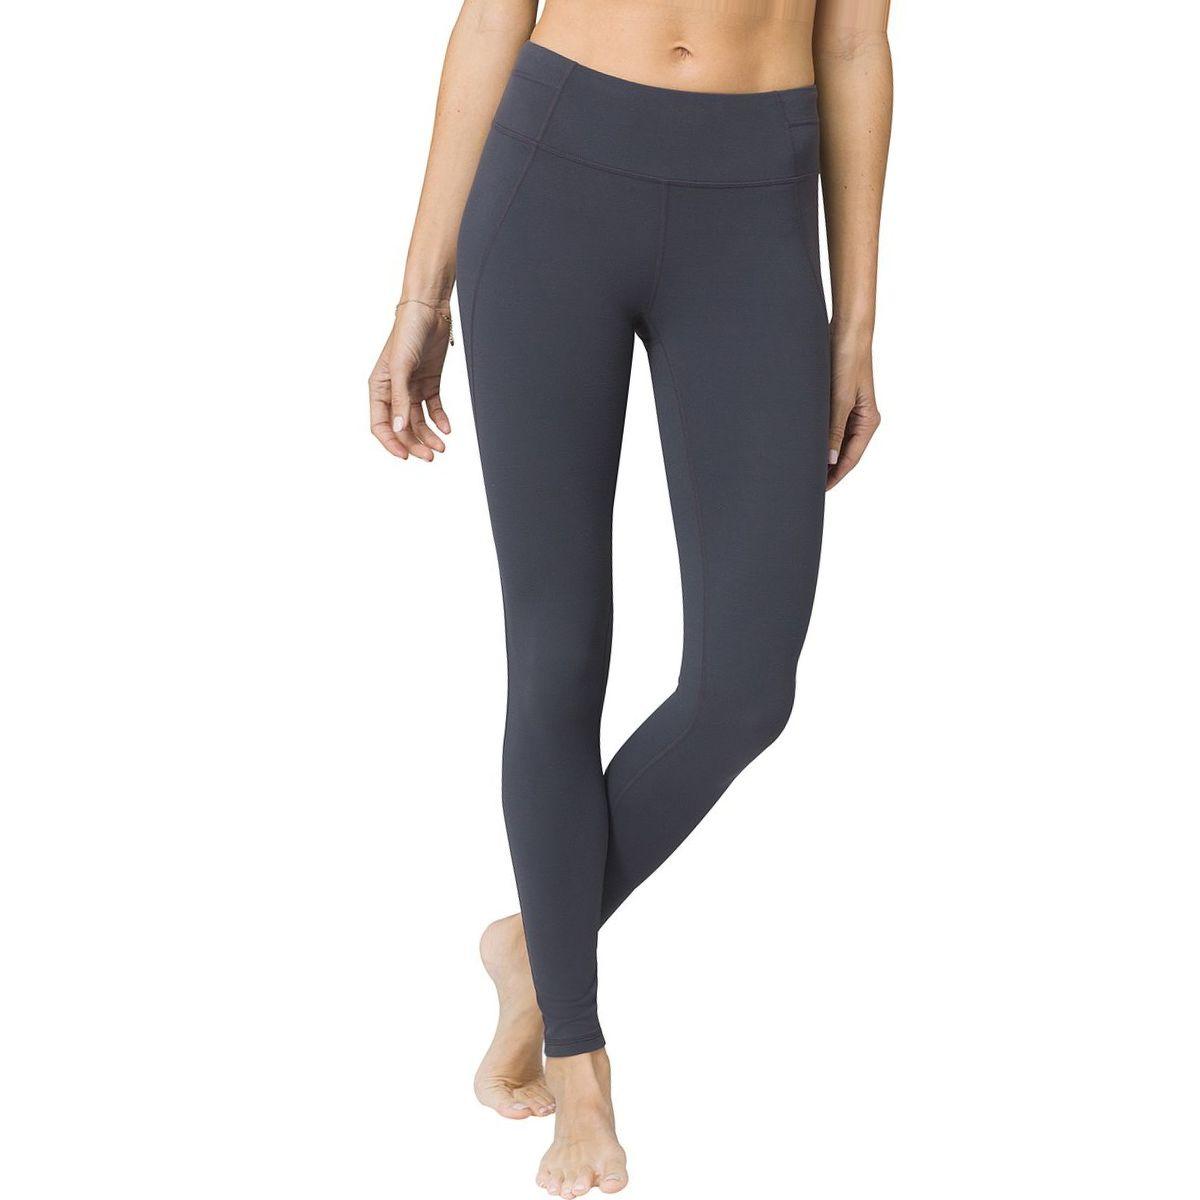 Prana Momento 7/8 Legging - Women's